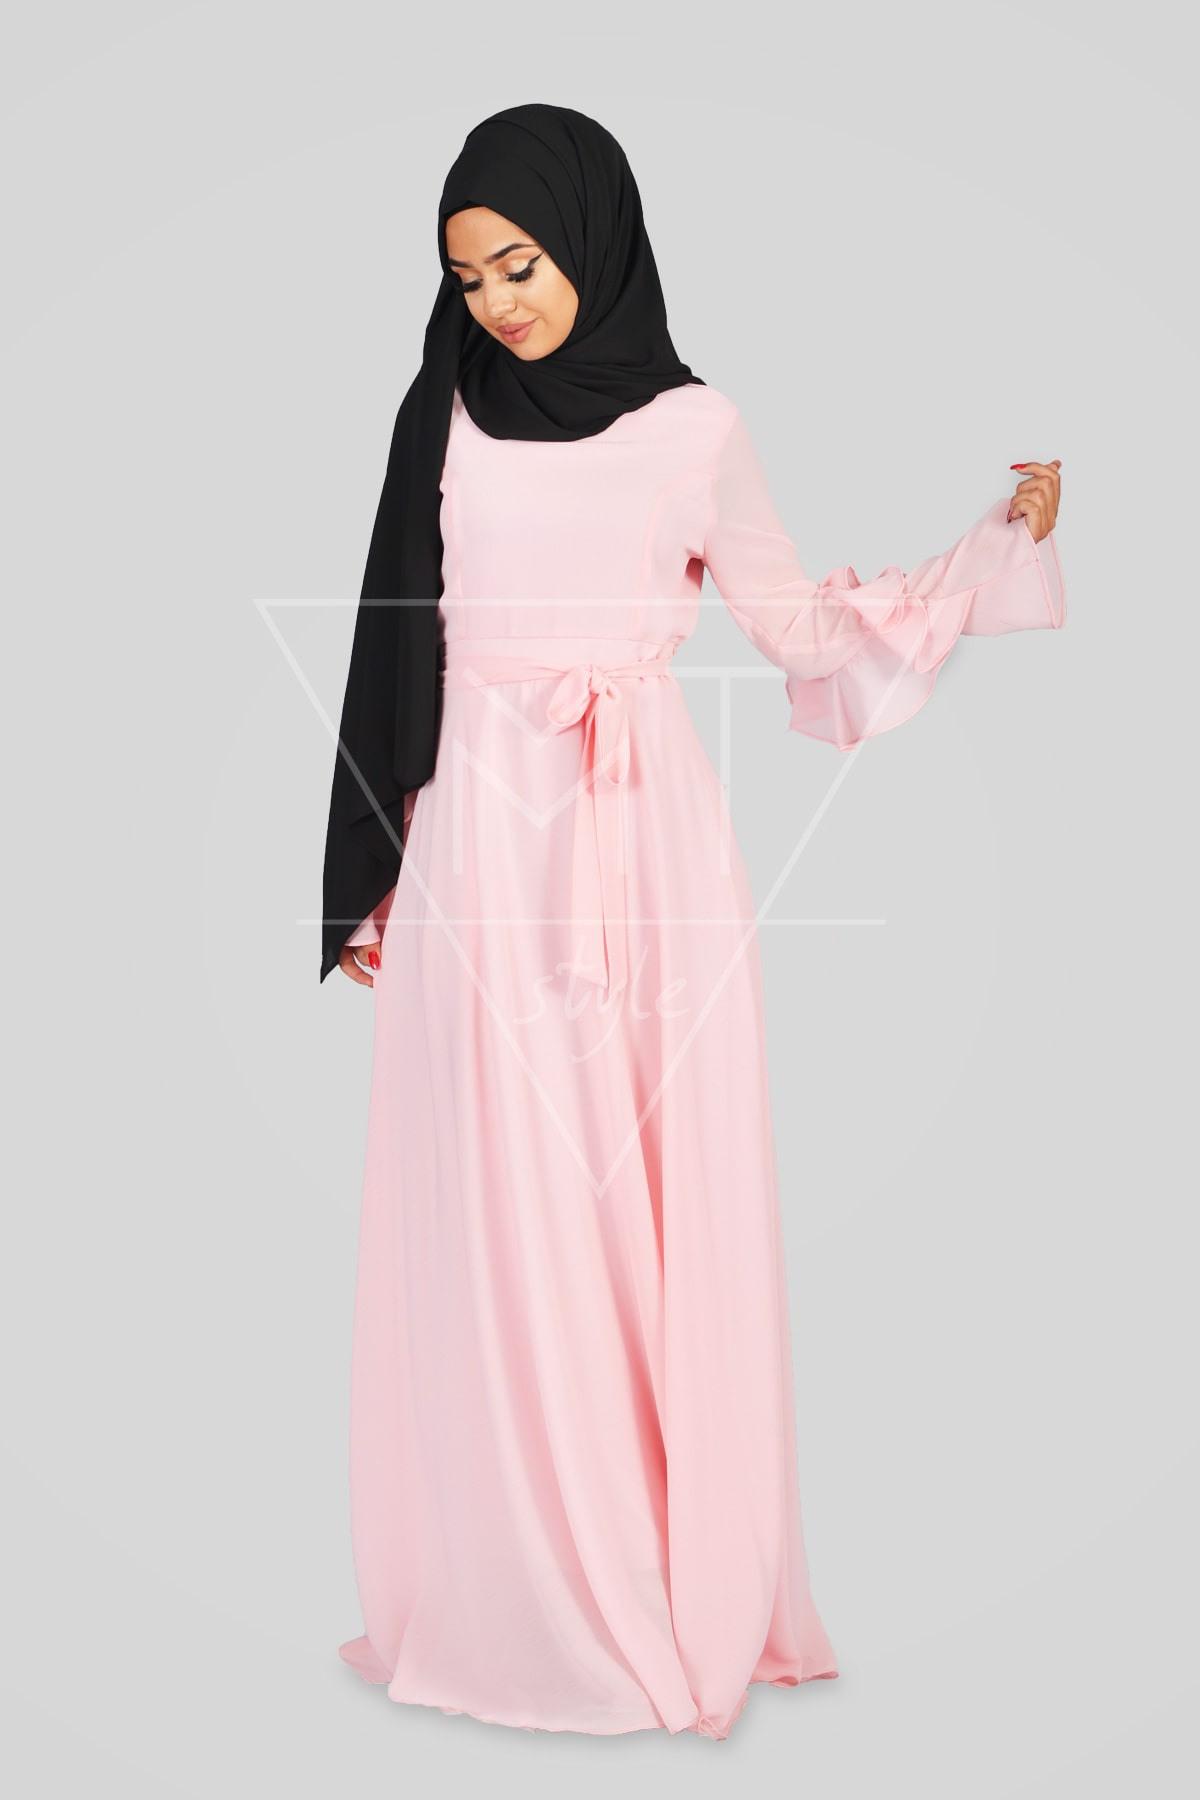 Schön Hijab Abend Kleid Design20 Erstaunlich Hijab Abend Kleid Spezialgebiet